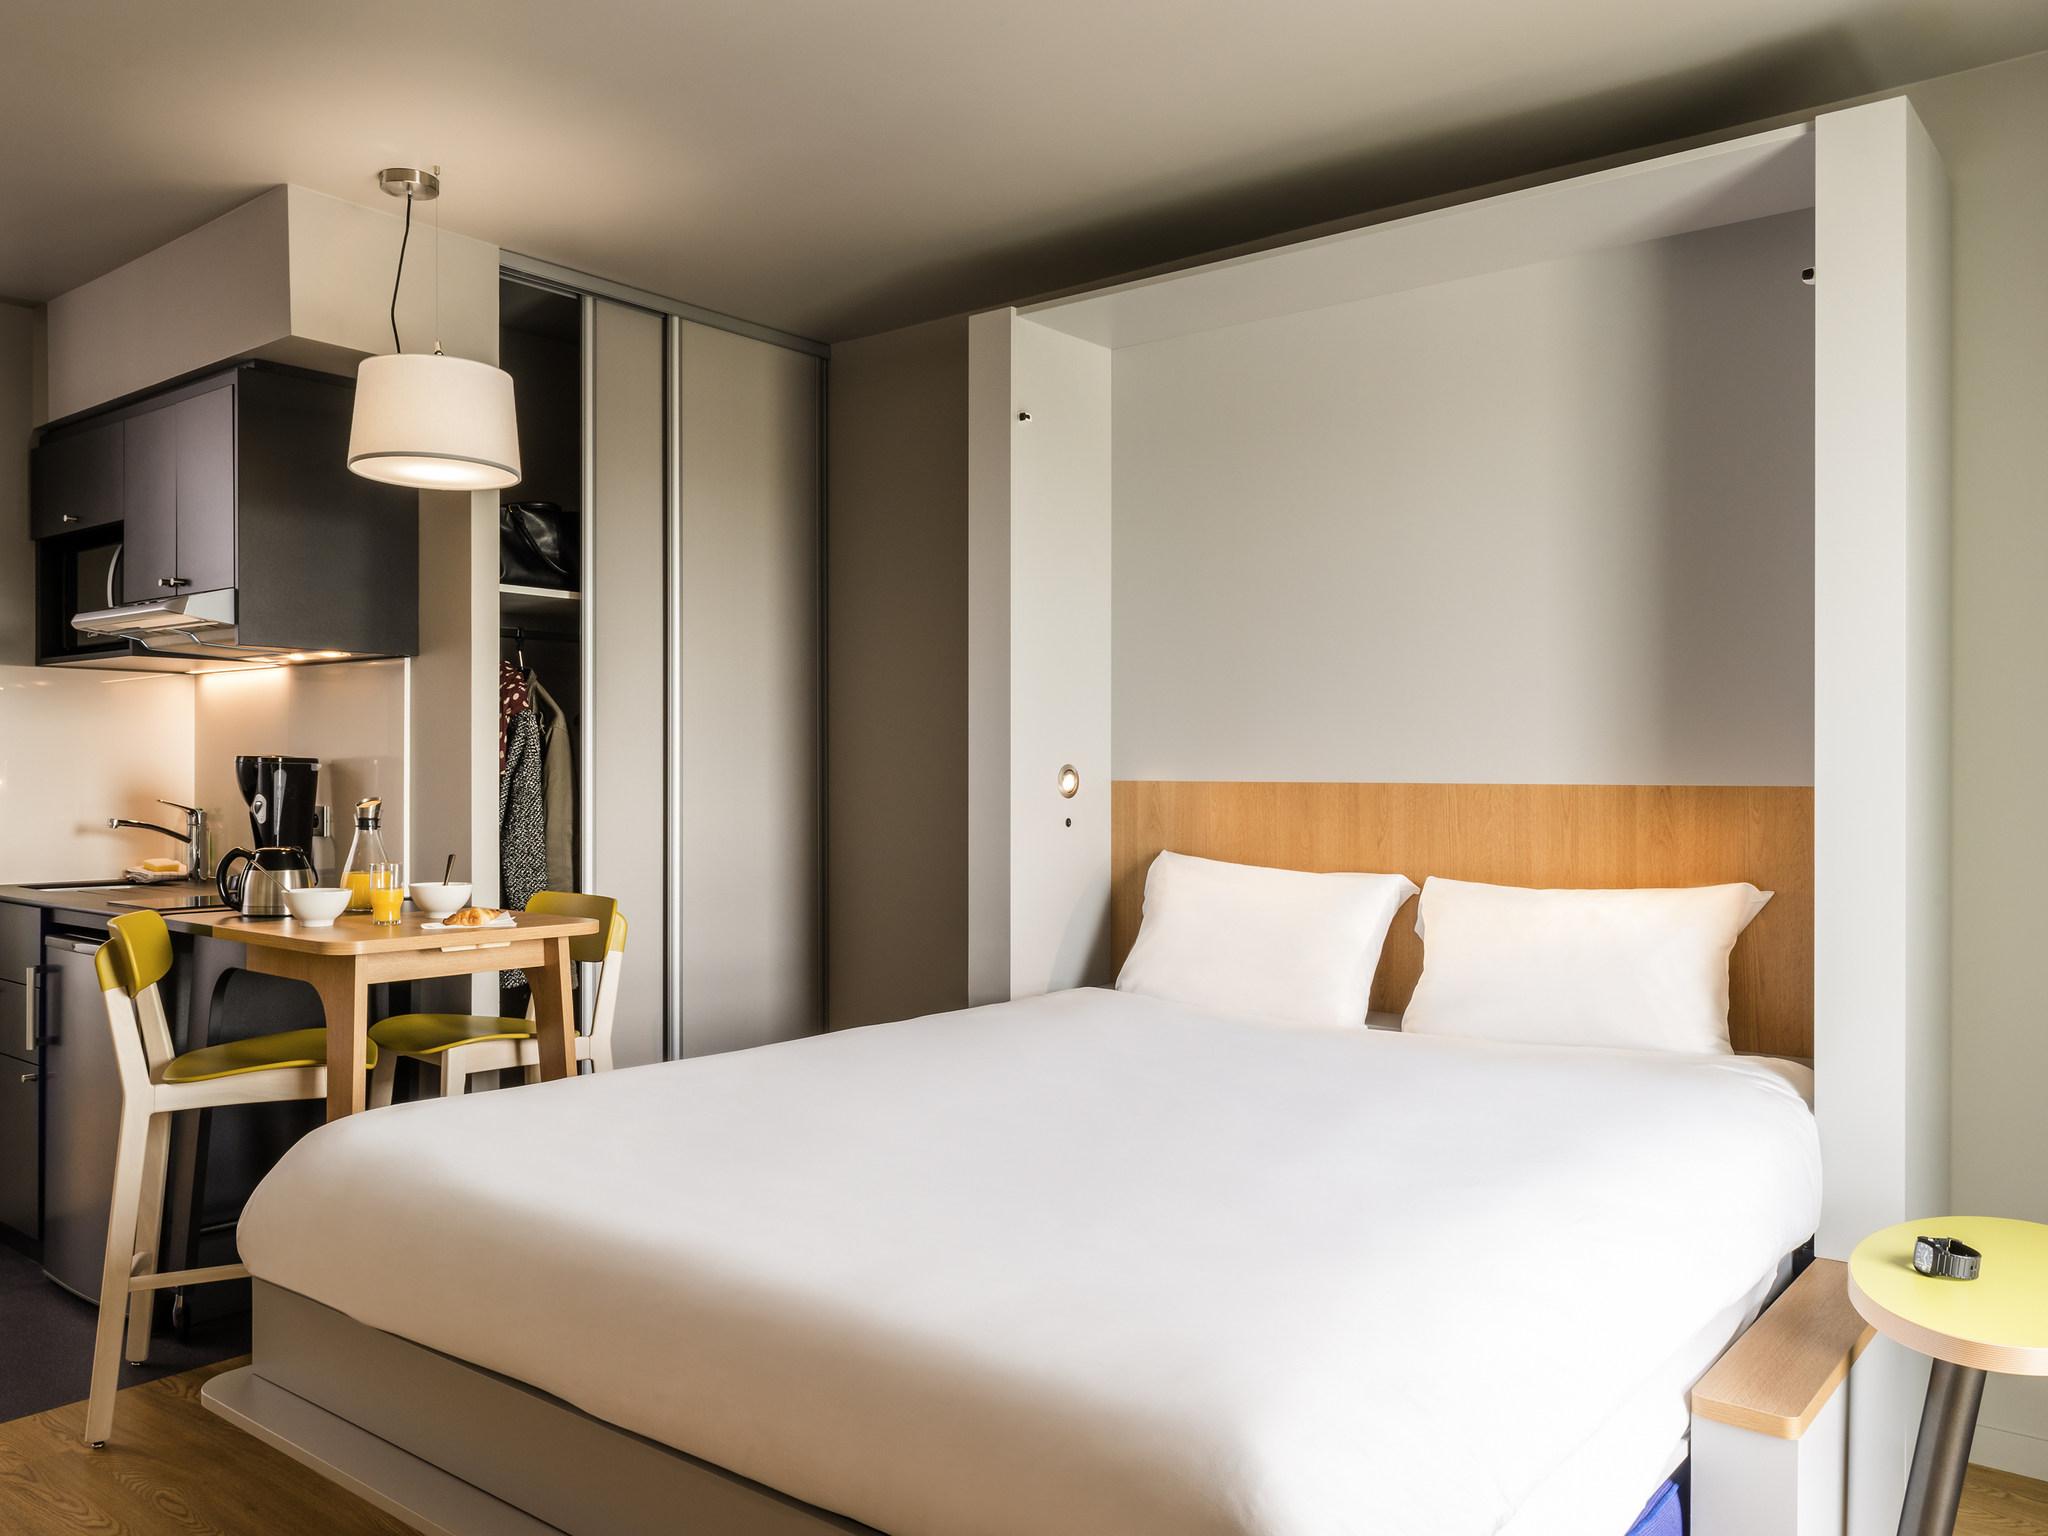 酒店 – 阿德吉奥阿克瑟斯拉德芳斯公寓式酒店